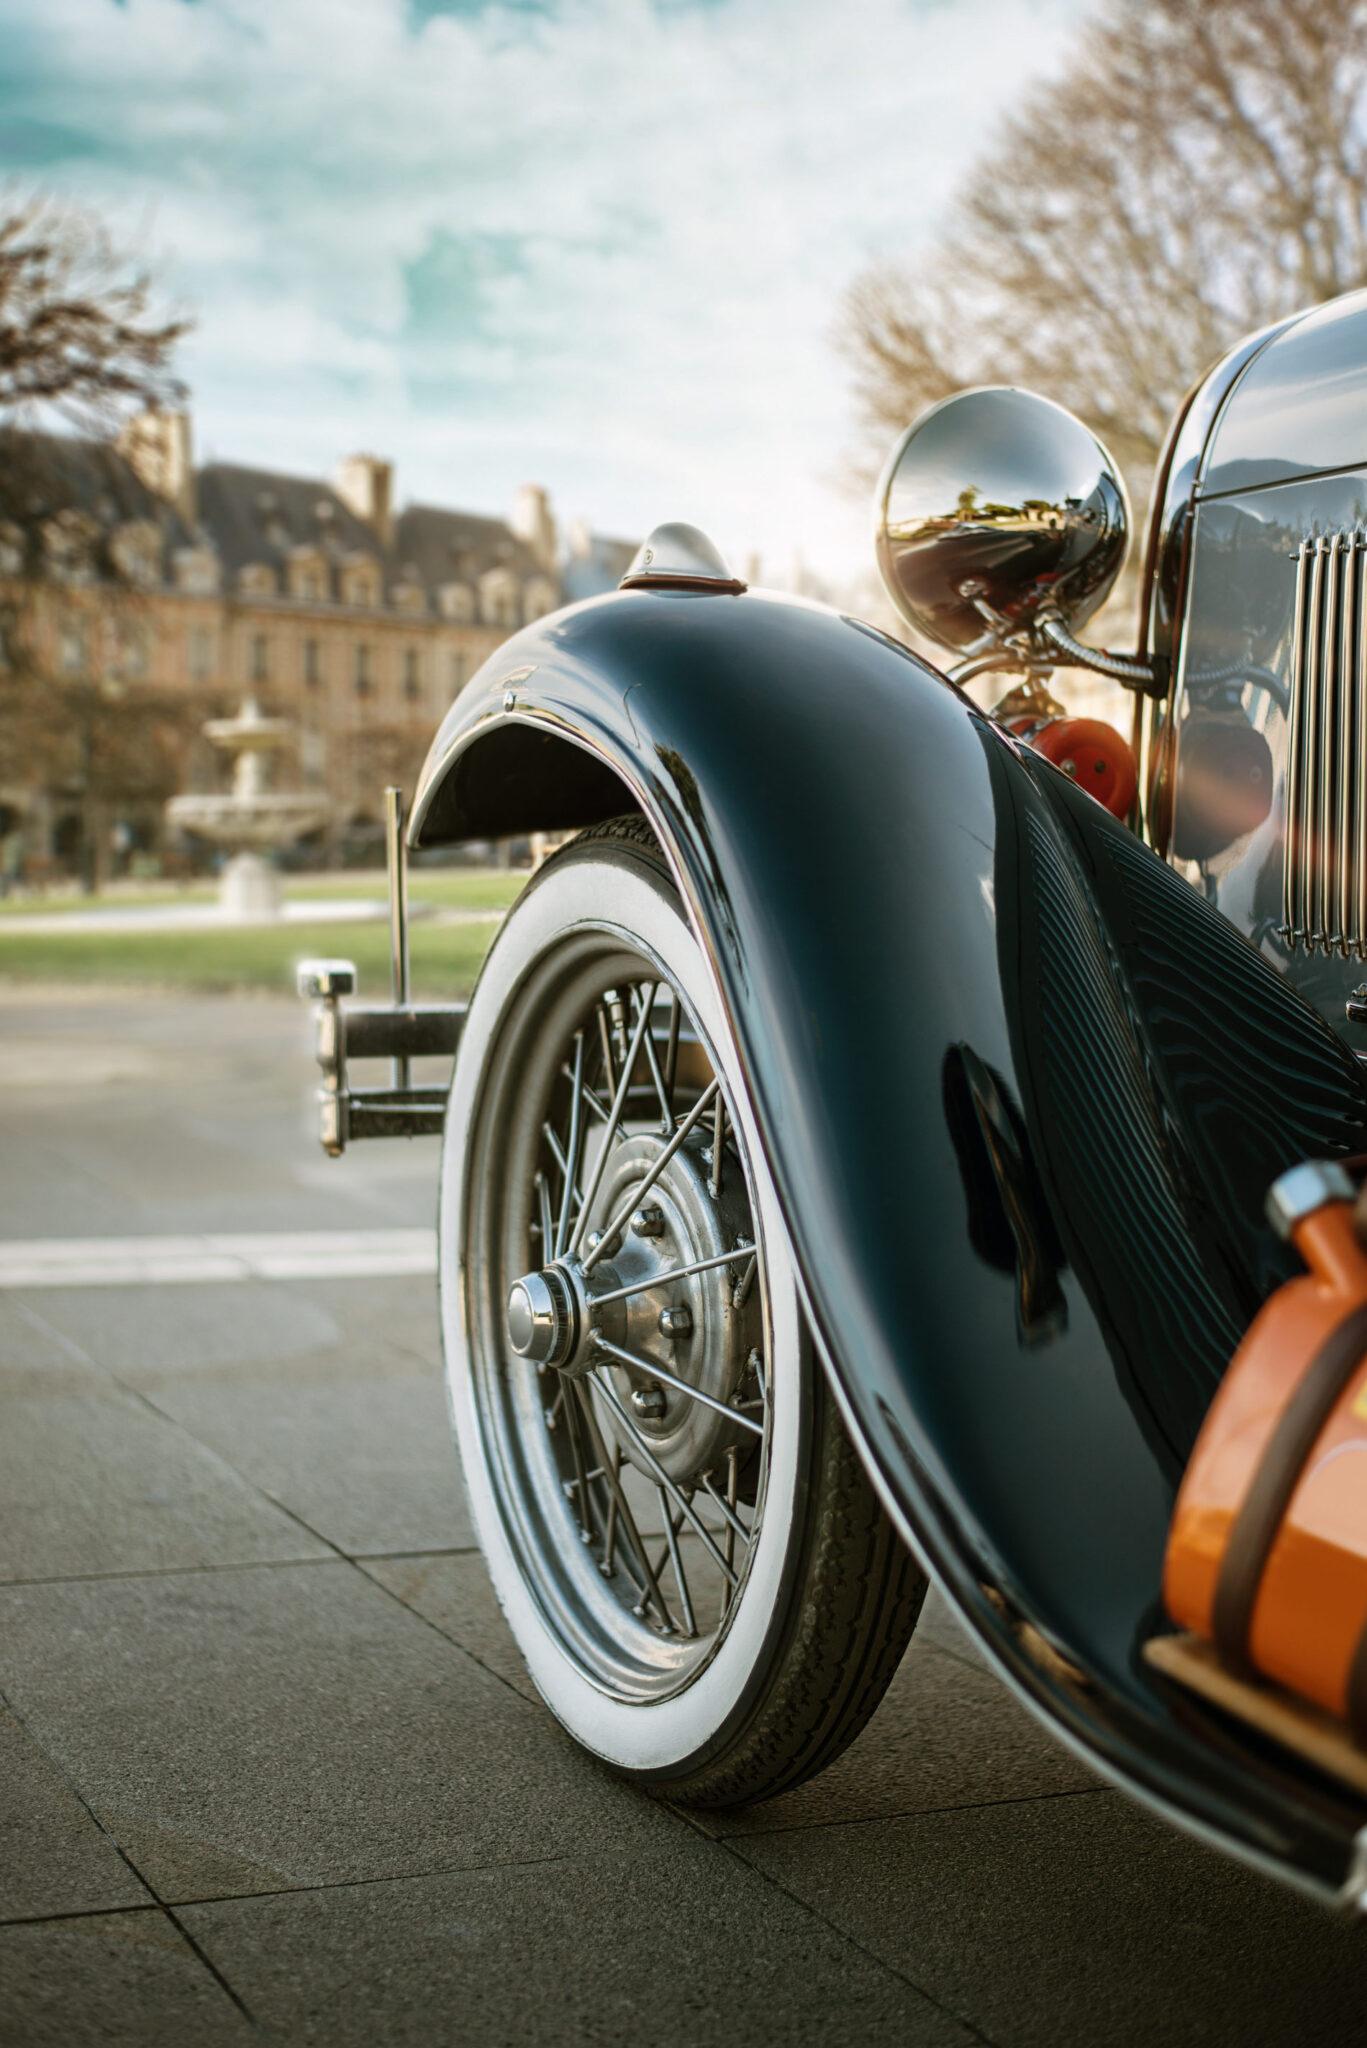 Milan : annulation de l'interdiction de circuler pour les véhicules de collection car «l'automobile est un patrimoine à protéger»